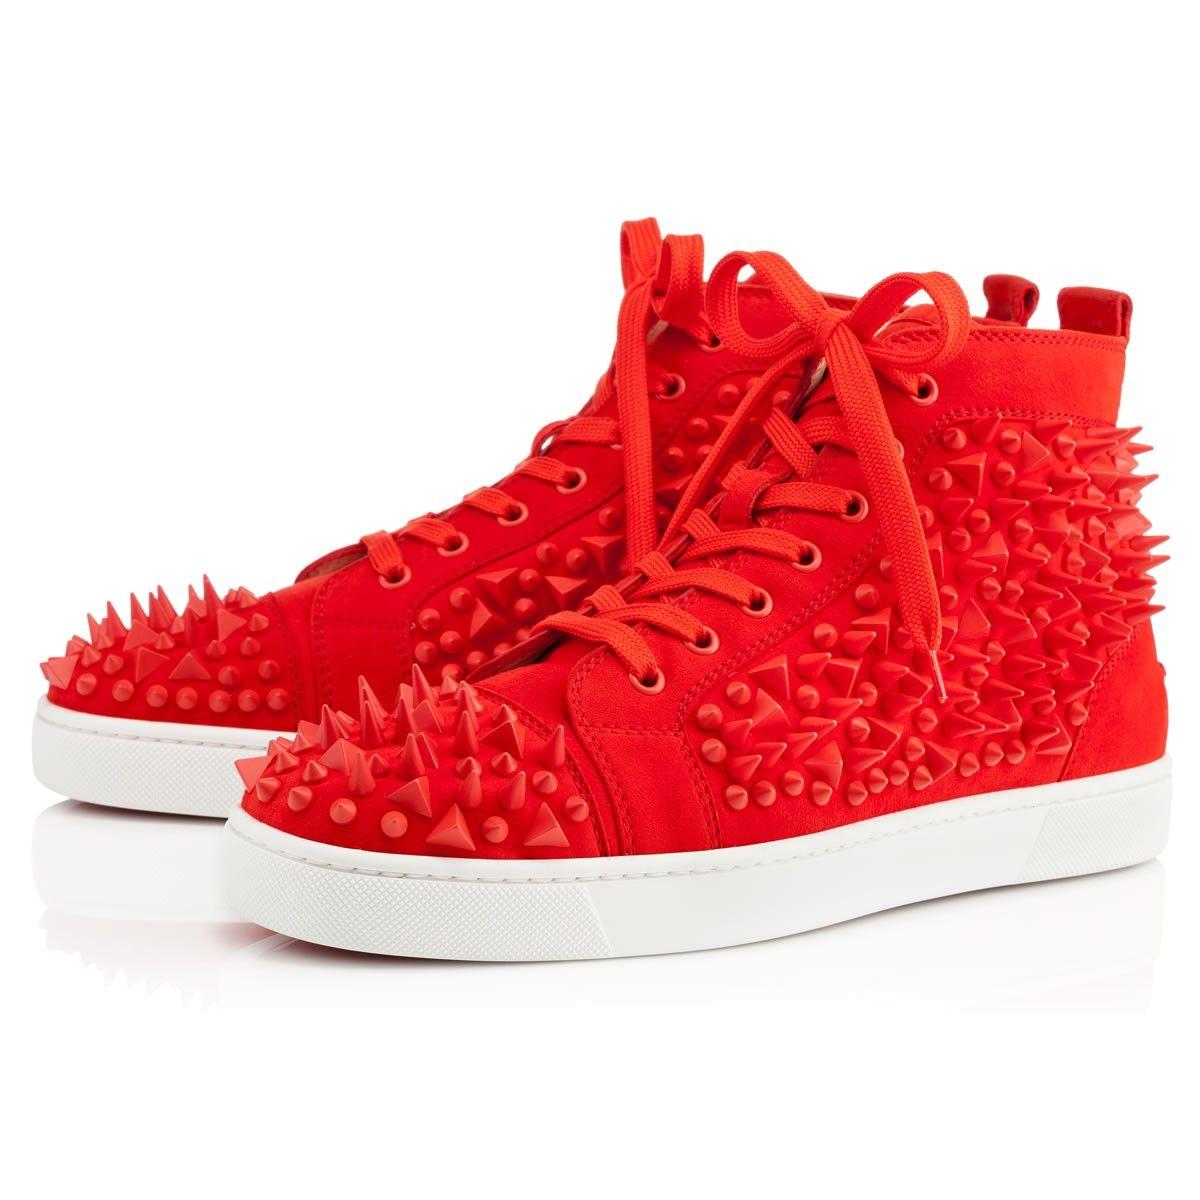 Christian Louboutins Pik Pik sneakers